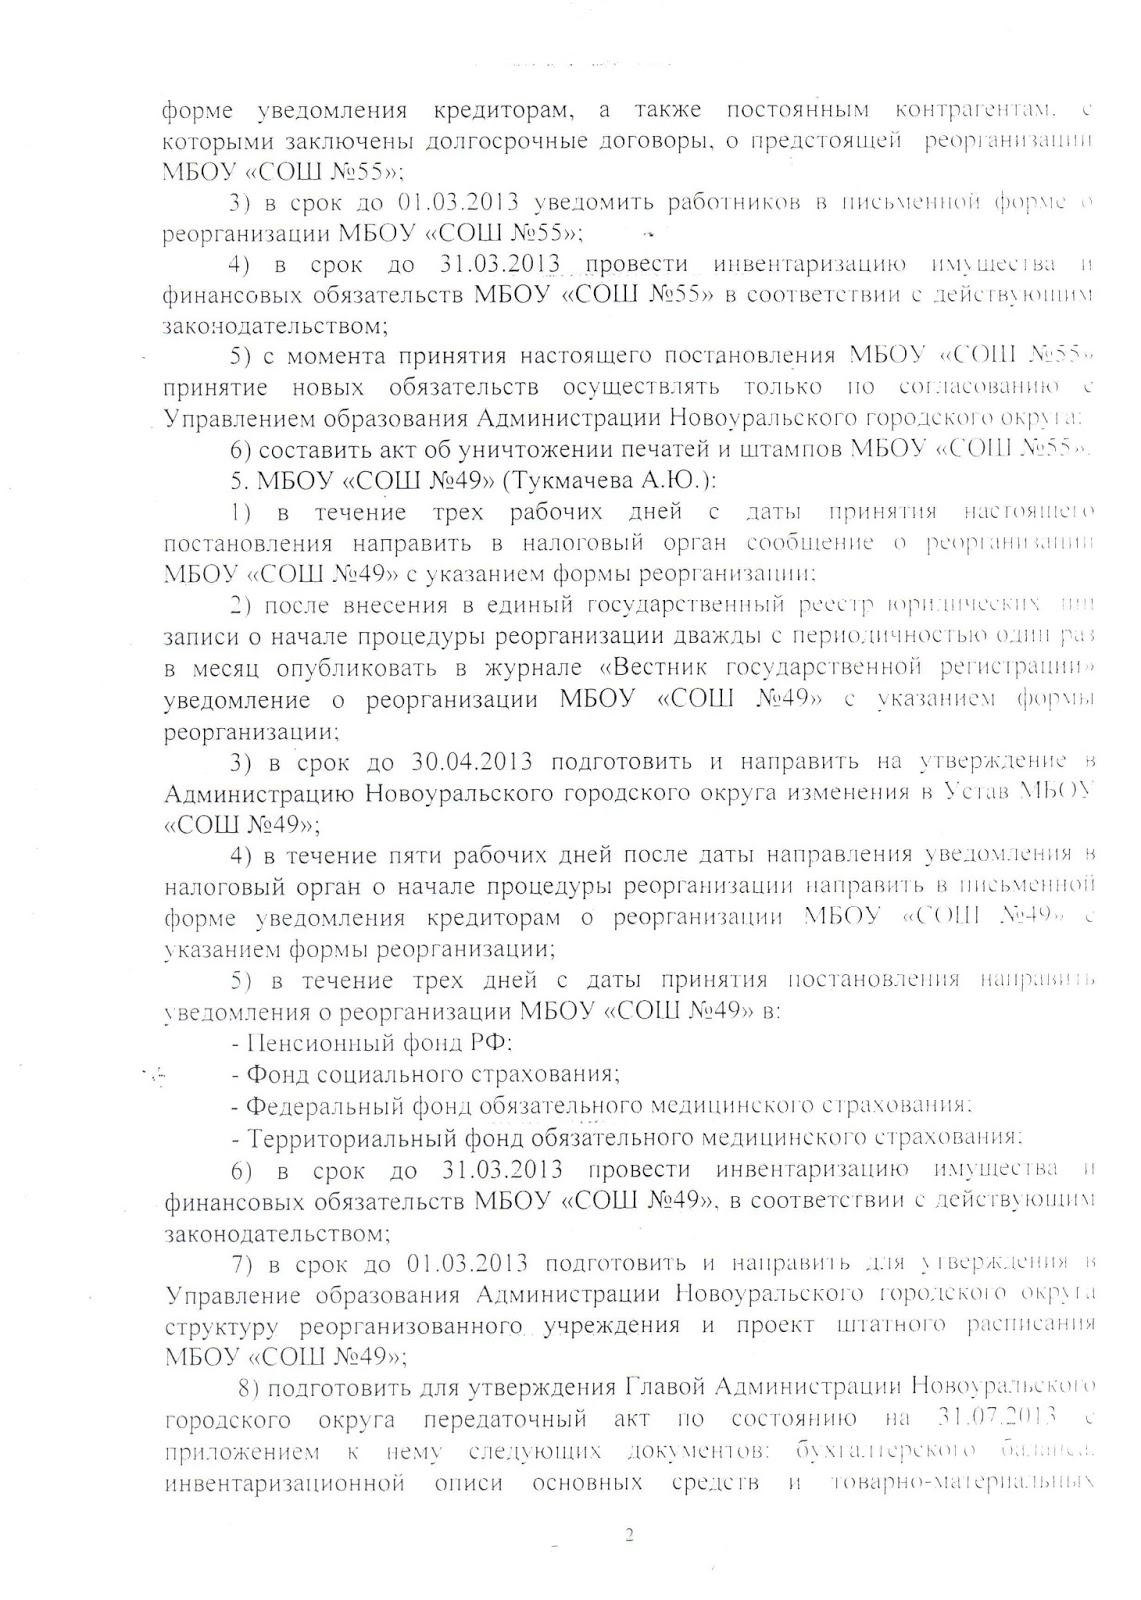 образец заявления об отмене решения администрации о реорганизации образовательного учреждения